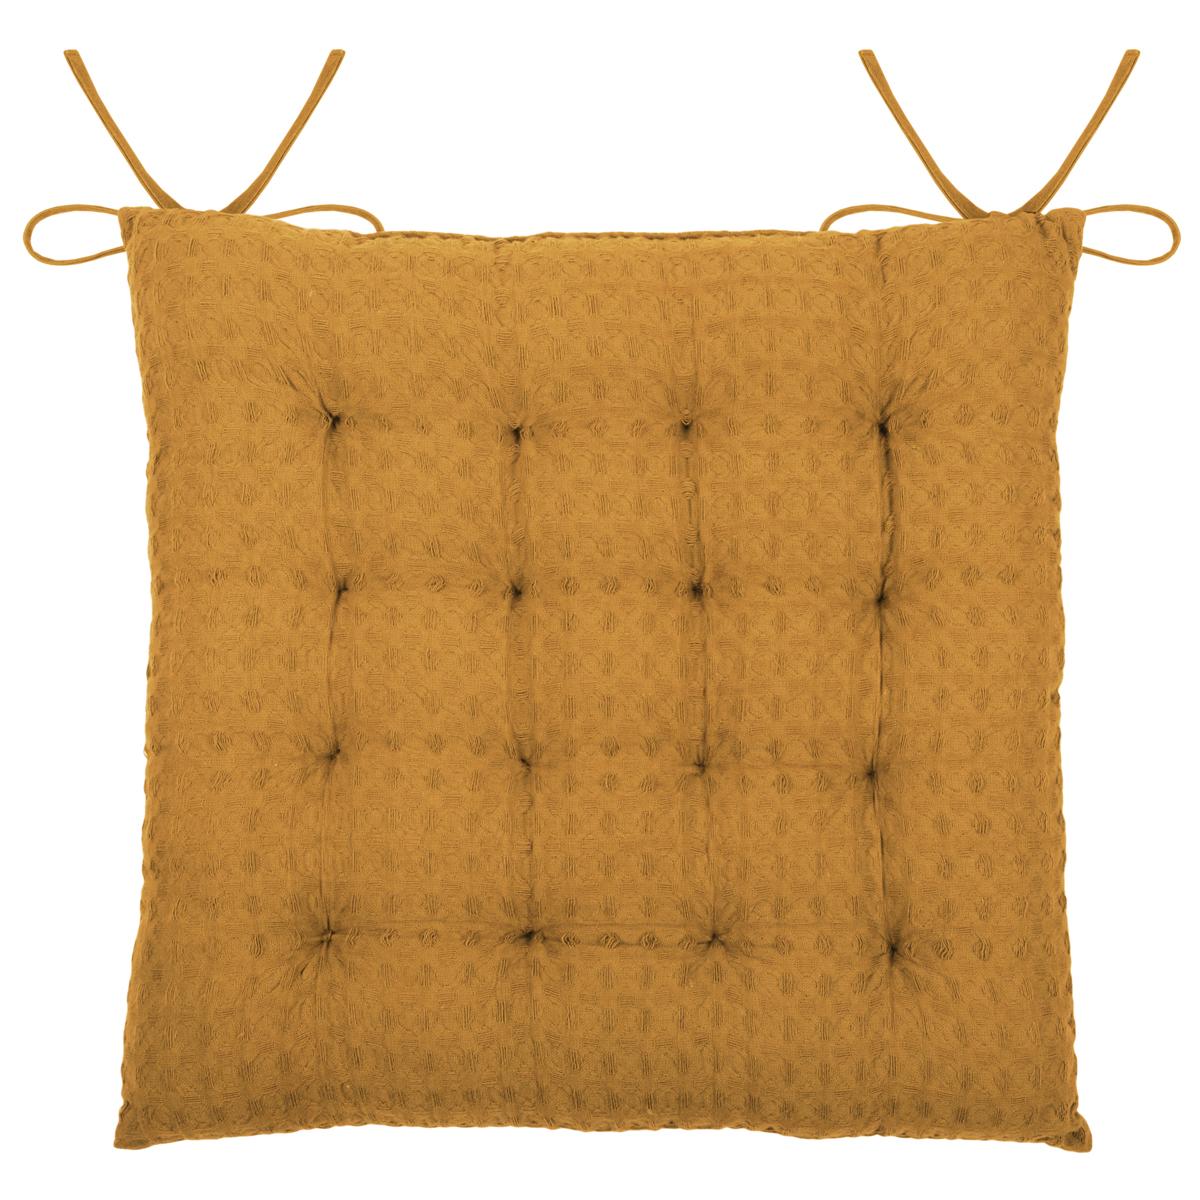 Galette de chaise matelassée en nid d'abeille (curry)